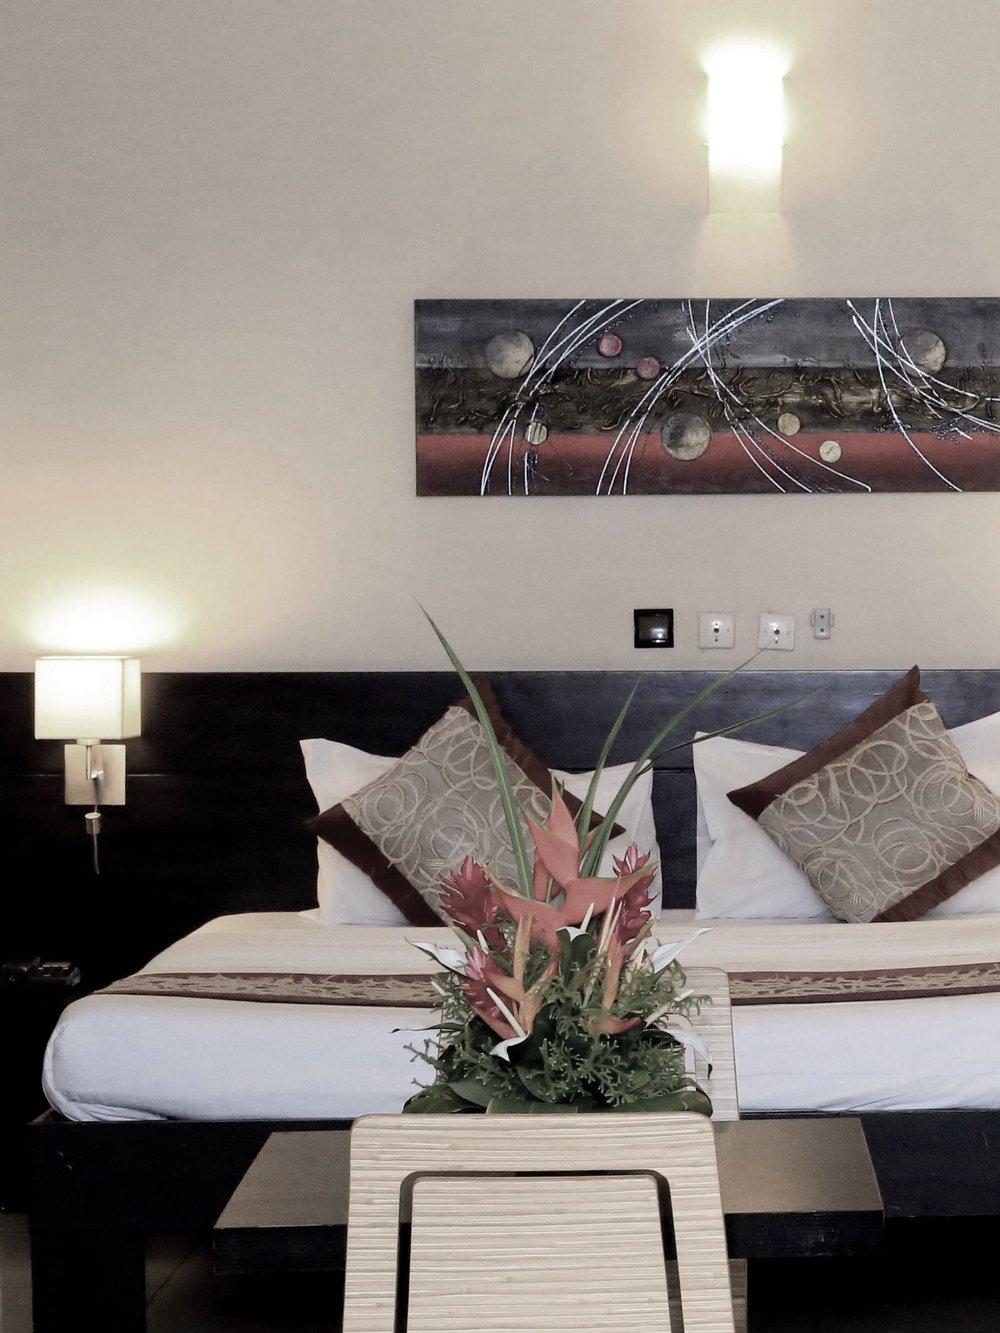 Hébergements - Les chambres et appartements de l'hôtel offrent toutes une vue sur la ville et un environnement chaleureux pour votre séjour à Abidjan.